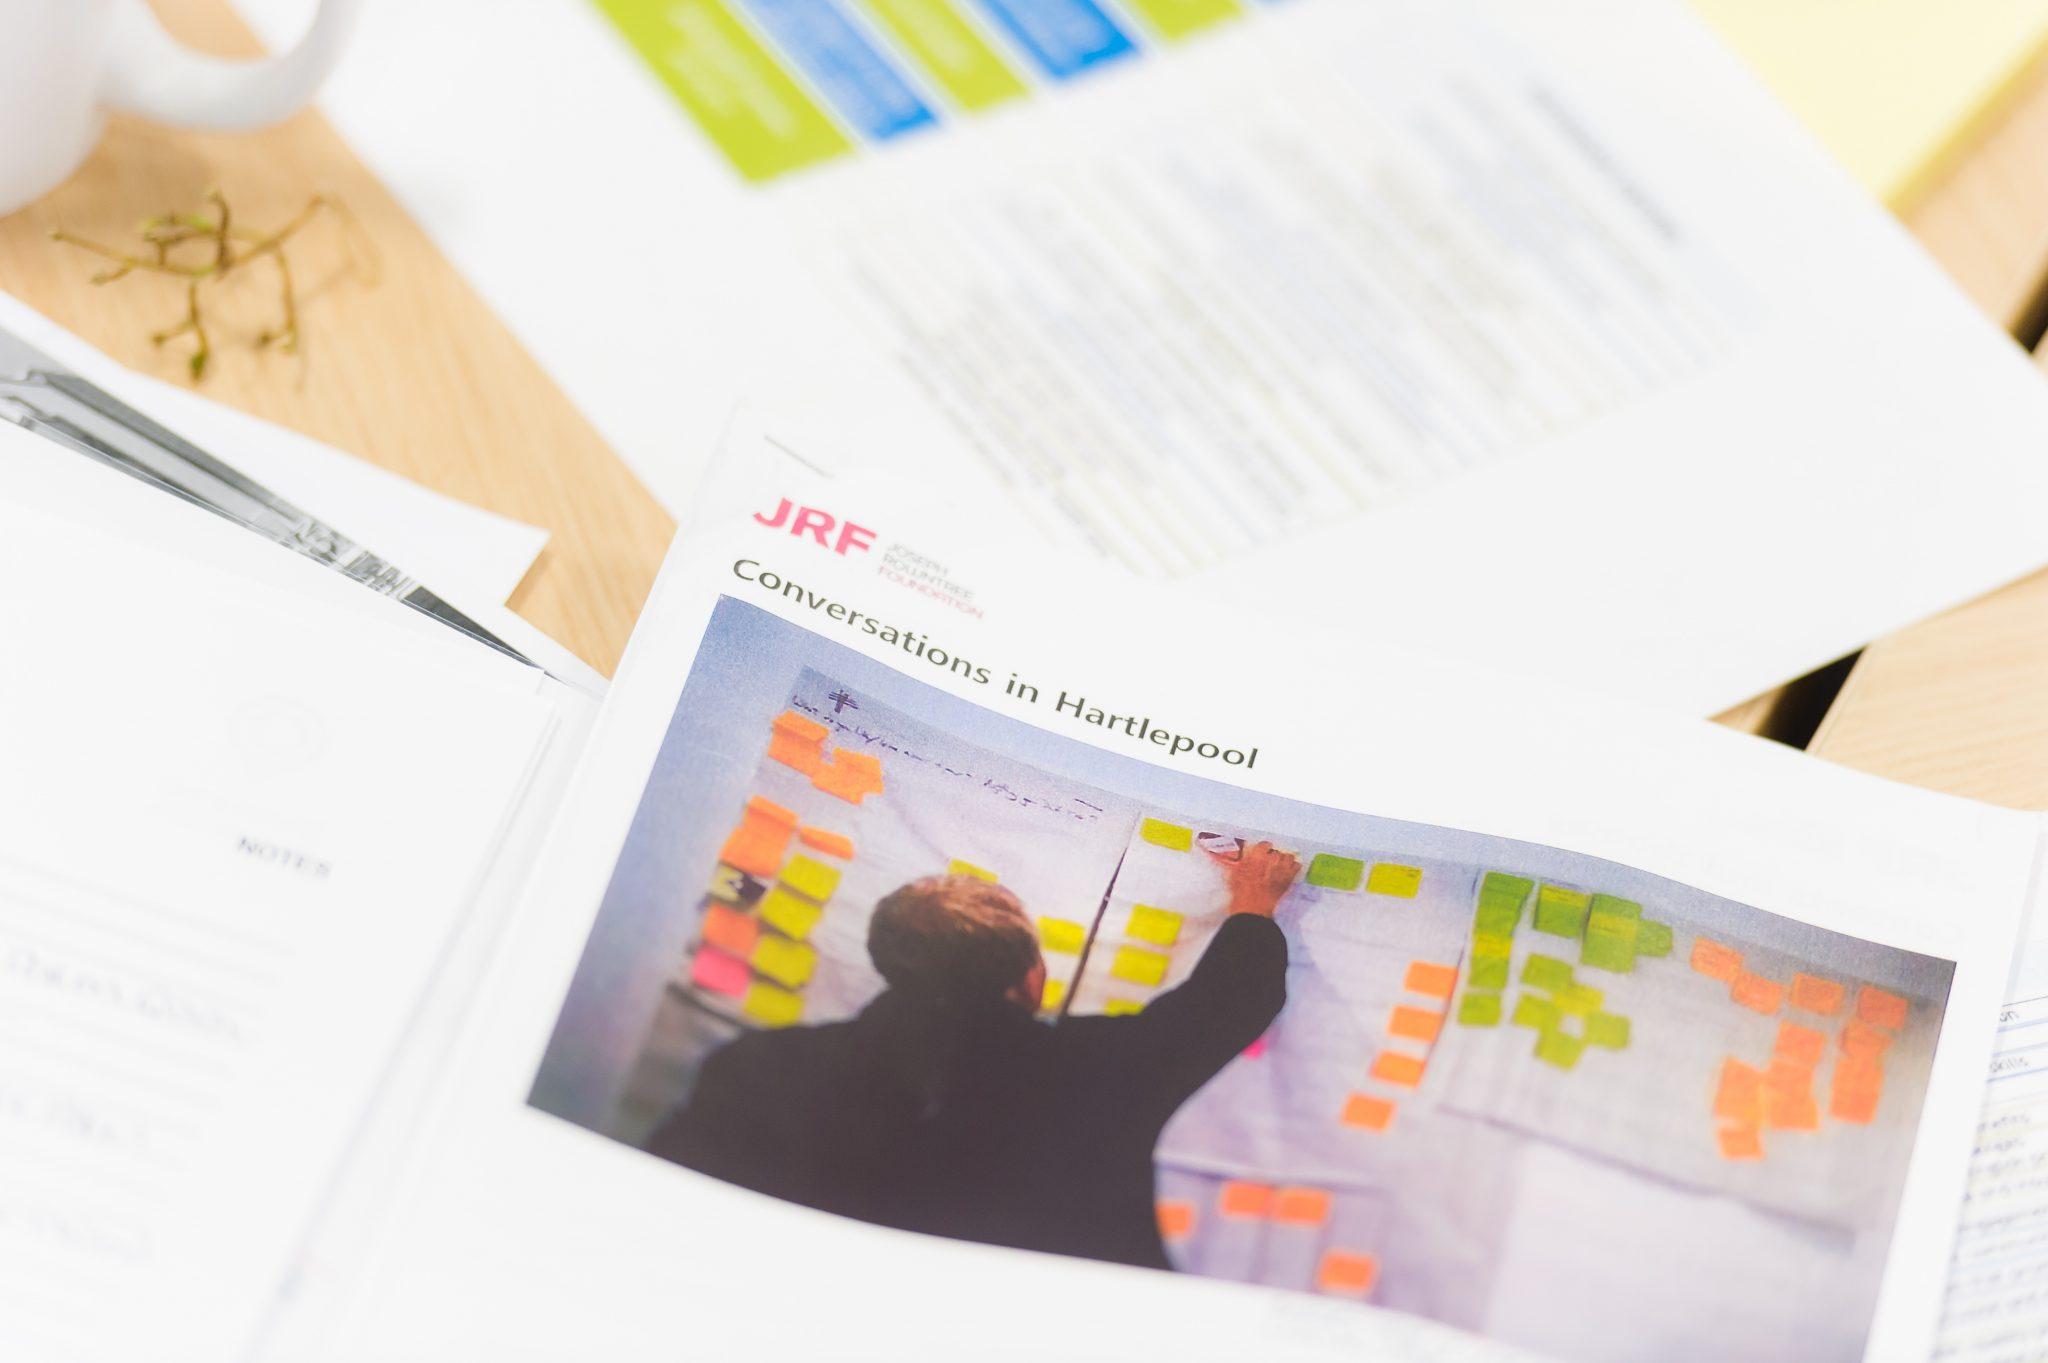 Conversations in Hartlepool Report June 2016